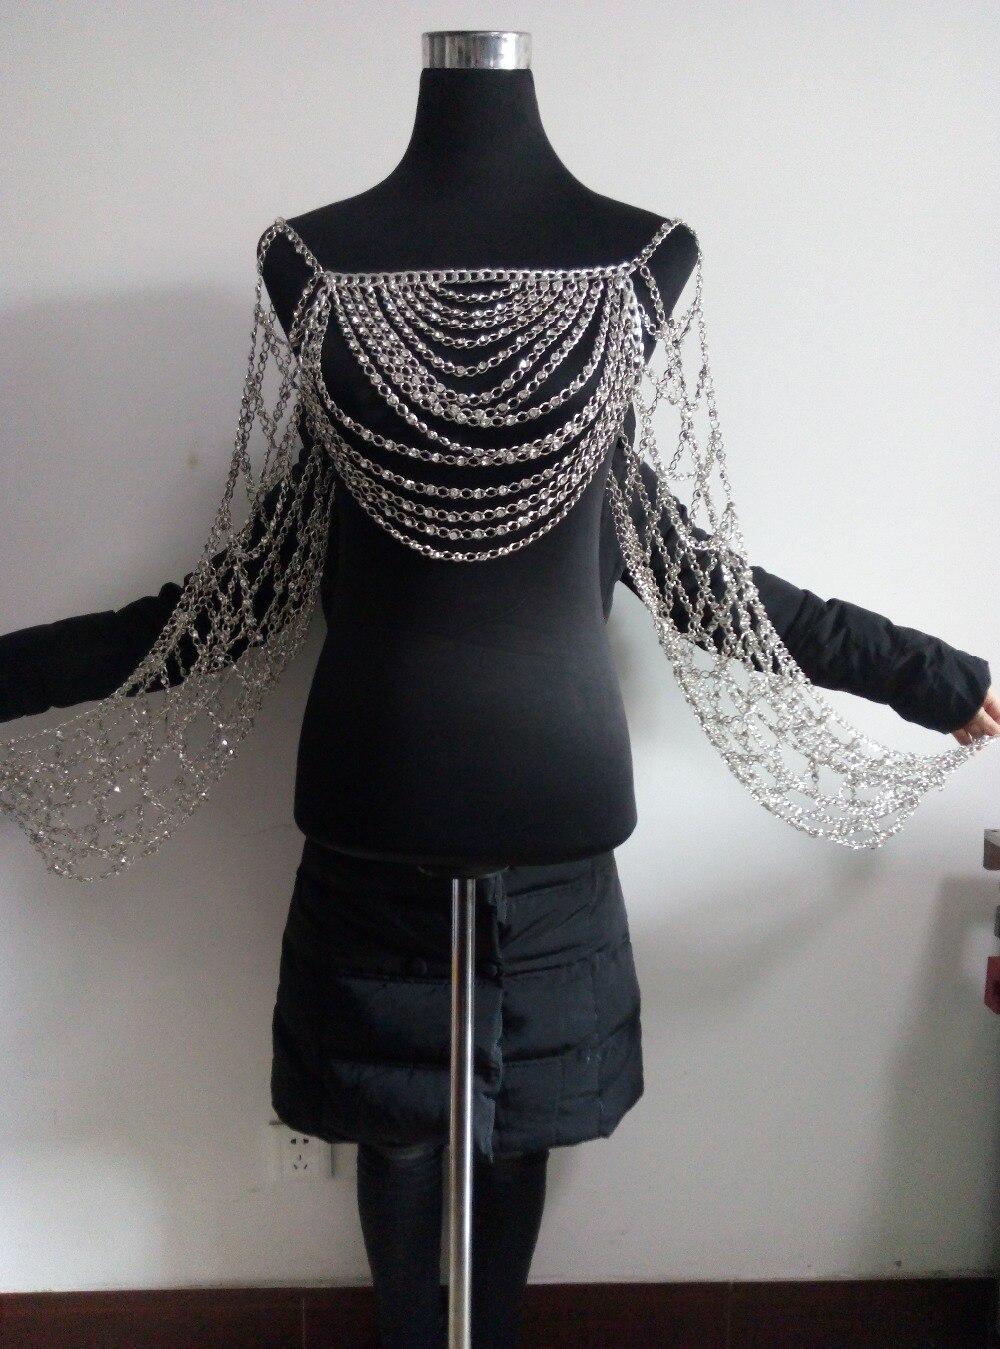 Nouveau Style de mode WRB1005 brillant argent strass perles chaînes bijoux Nicki Minaj Style strass collier chaînes bijoux